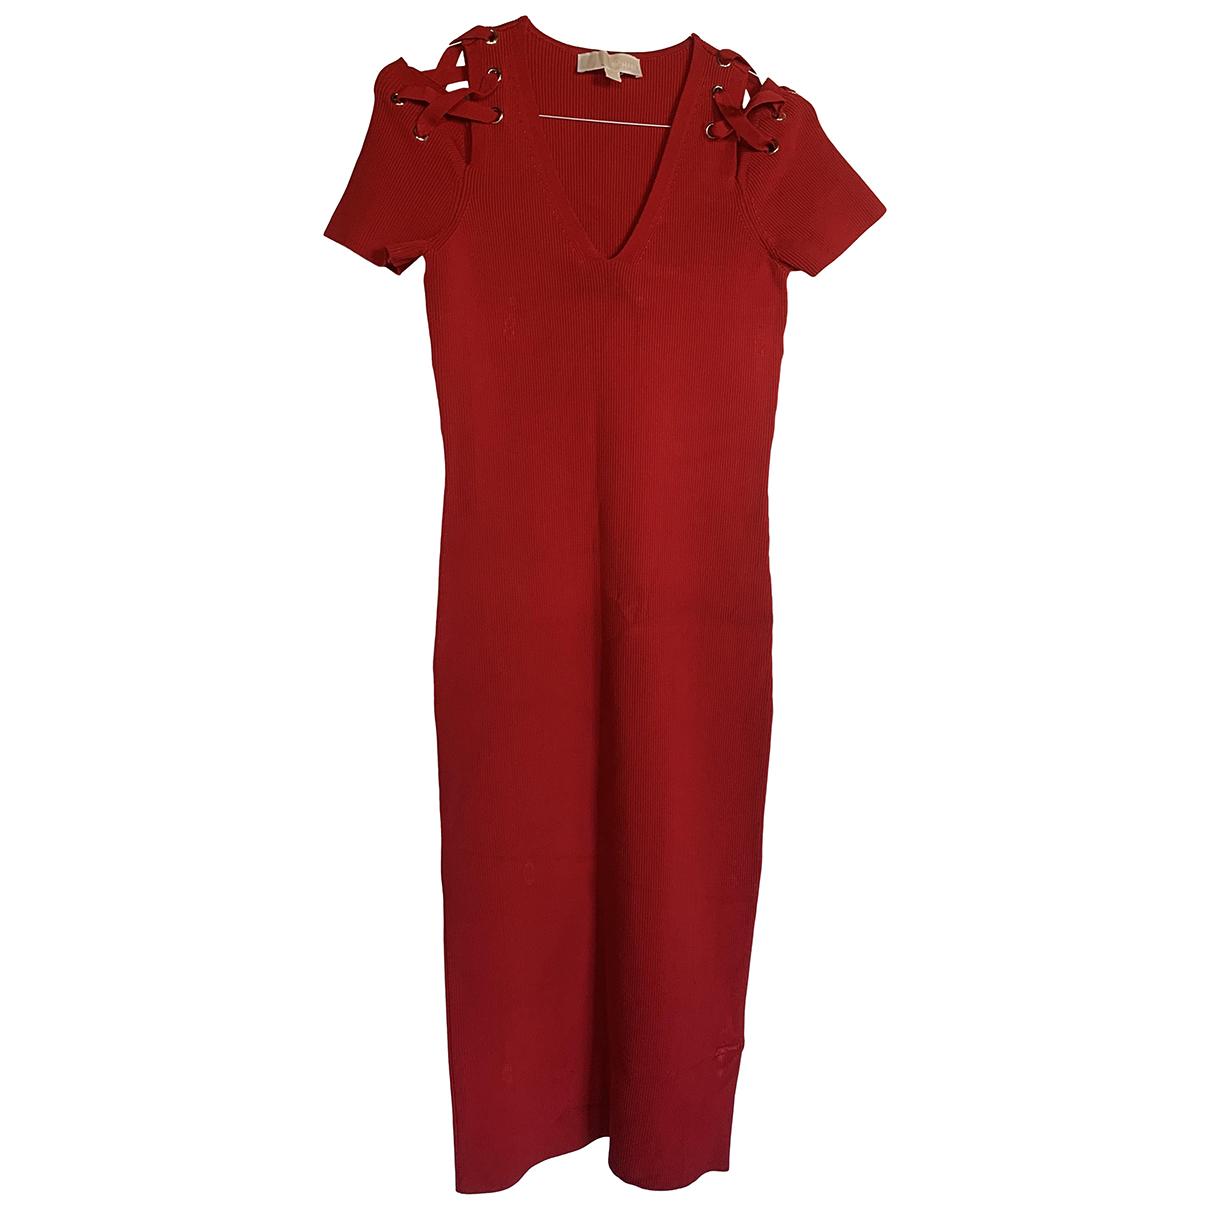 Michael Kors \N Red dress for Women M International